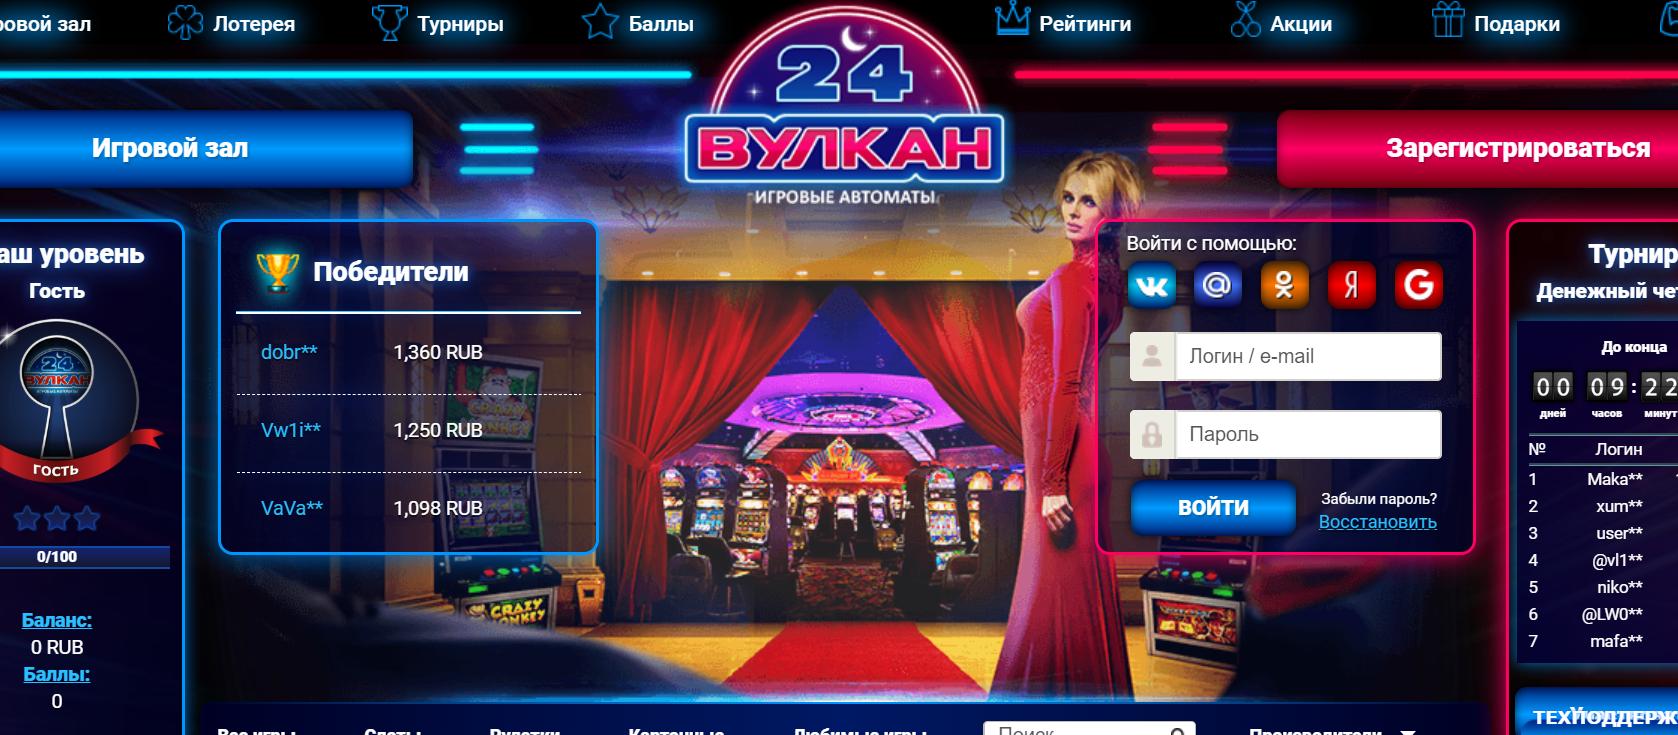 Прекрасный ассортимент игровых аппаратов Вулкан 24